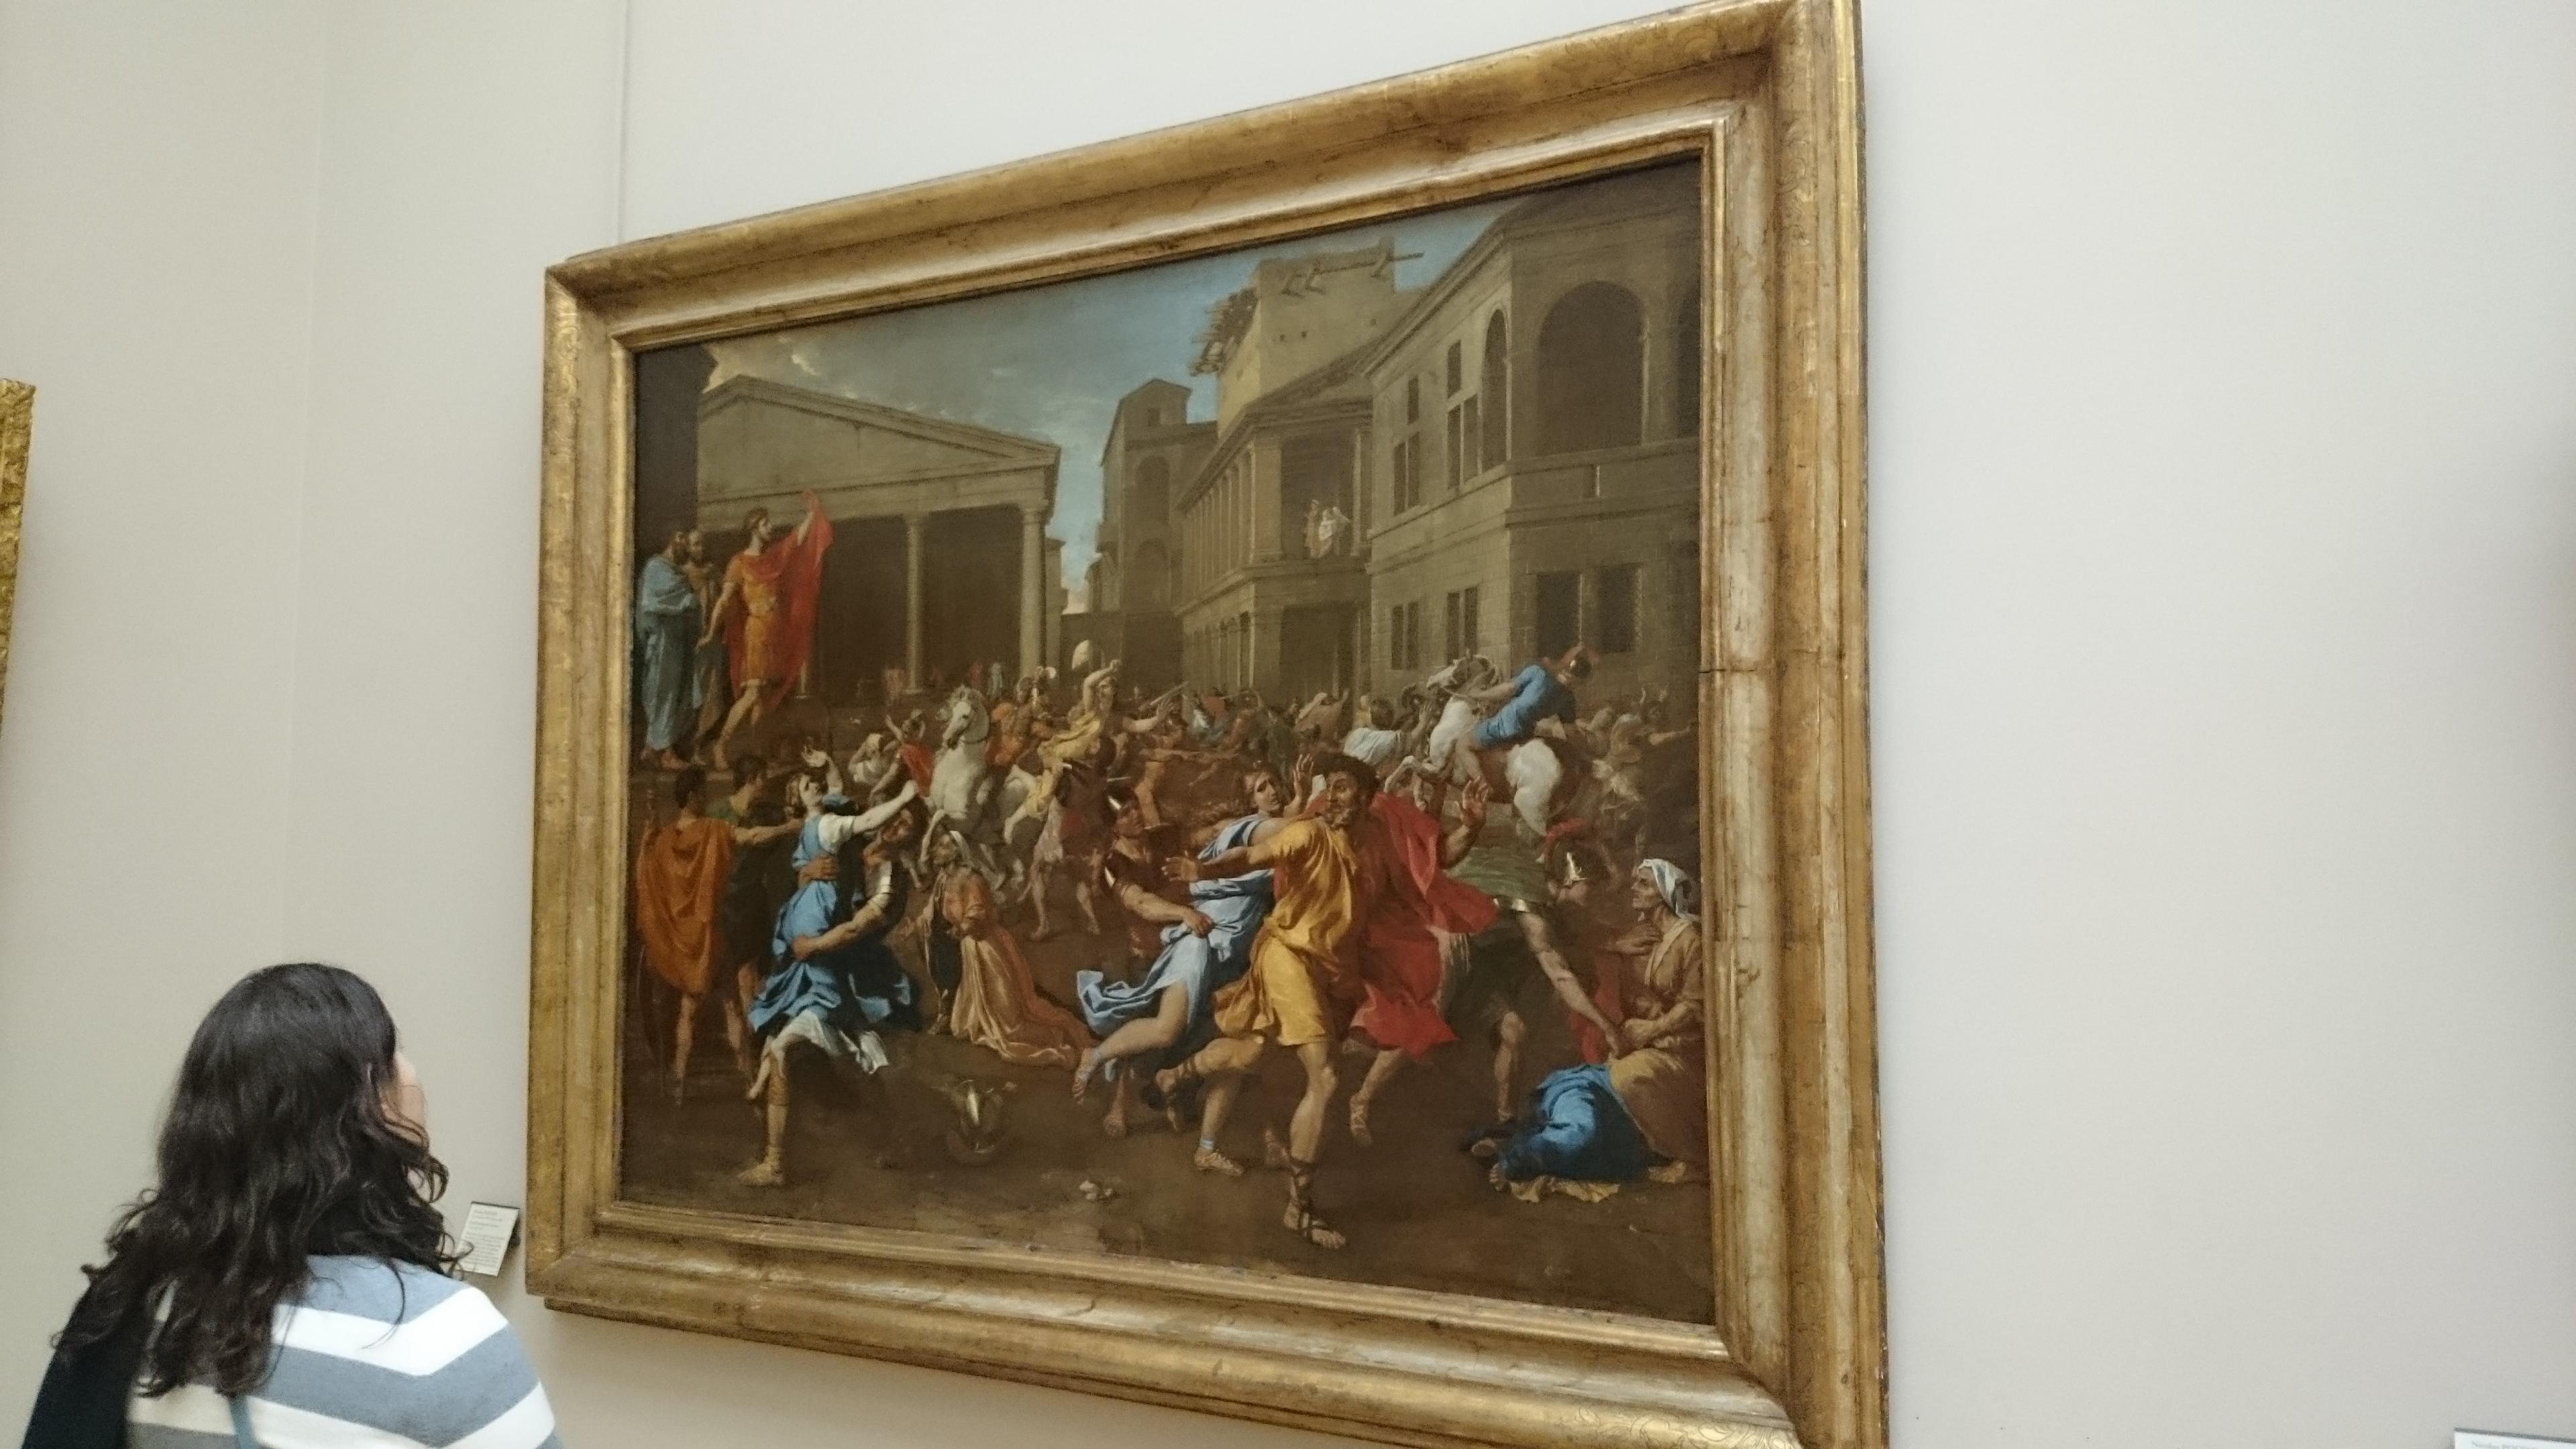 dsc 1553 - Consejos para visitar el Museo Louvre (y otros museos)